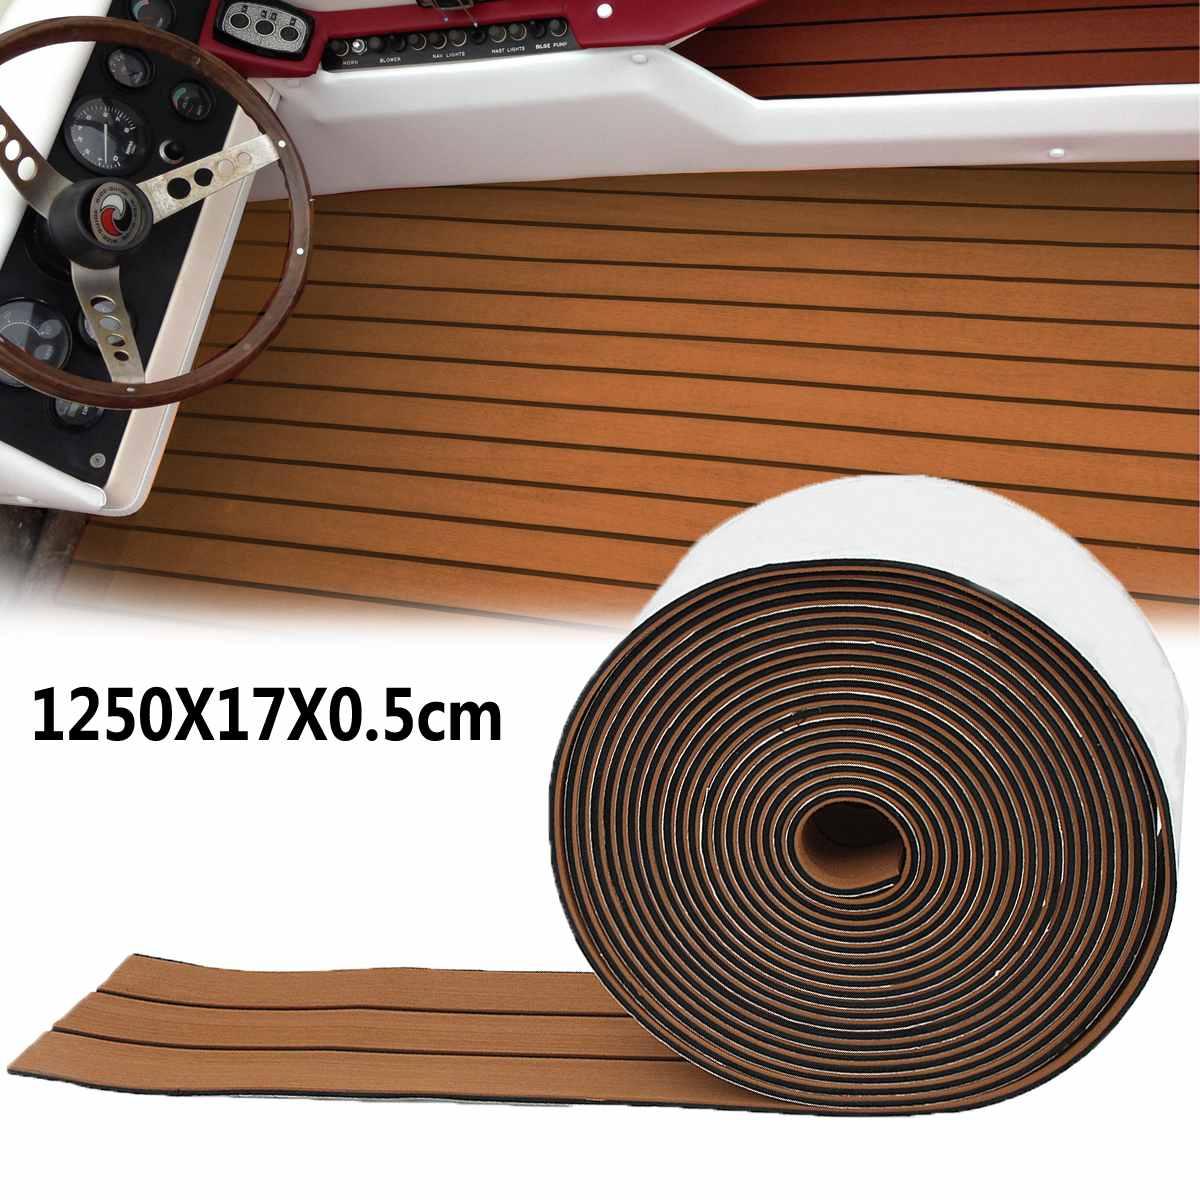 1250x17x0.5 cm Long marron EVA mousse bateau plancher Faux teck platelage tapis tapis en gros livraison directe1250x17x0.5 cm Long marron EVA mousse bateau plancher Faux teck platelage tapis tapis en gros livraison directe